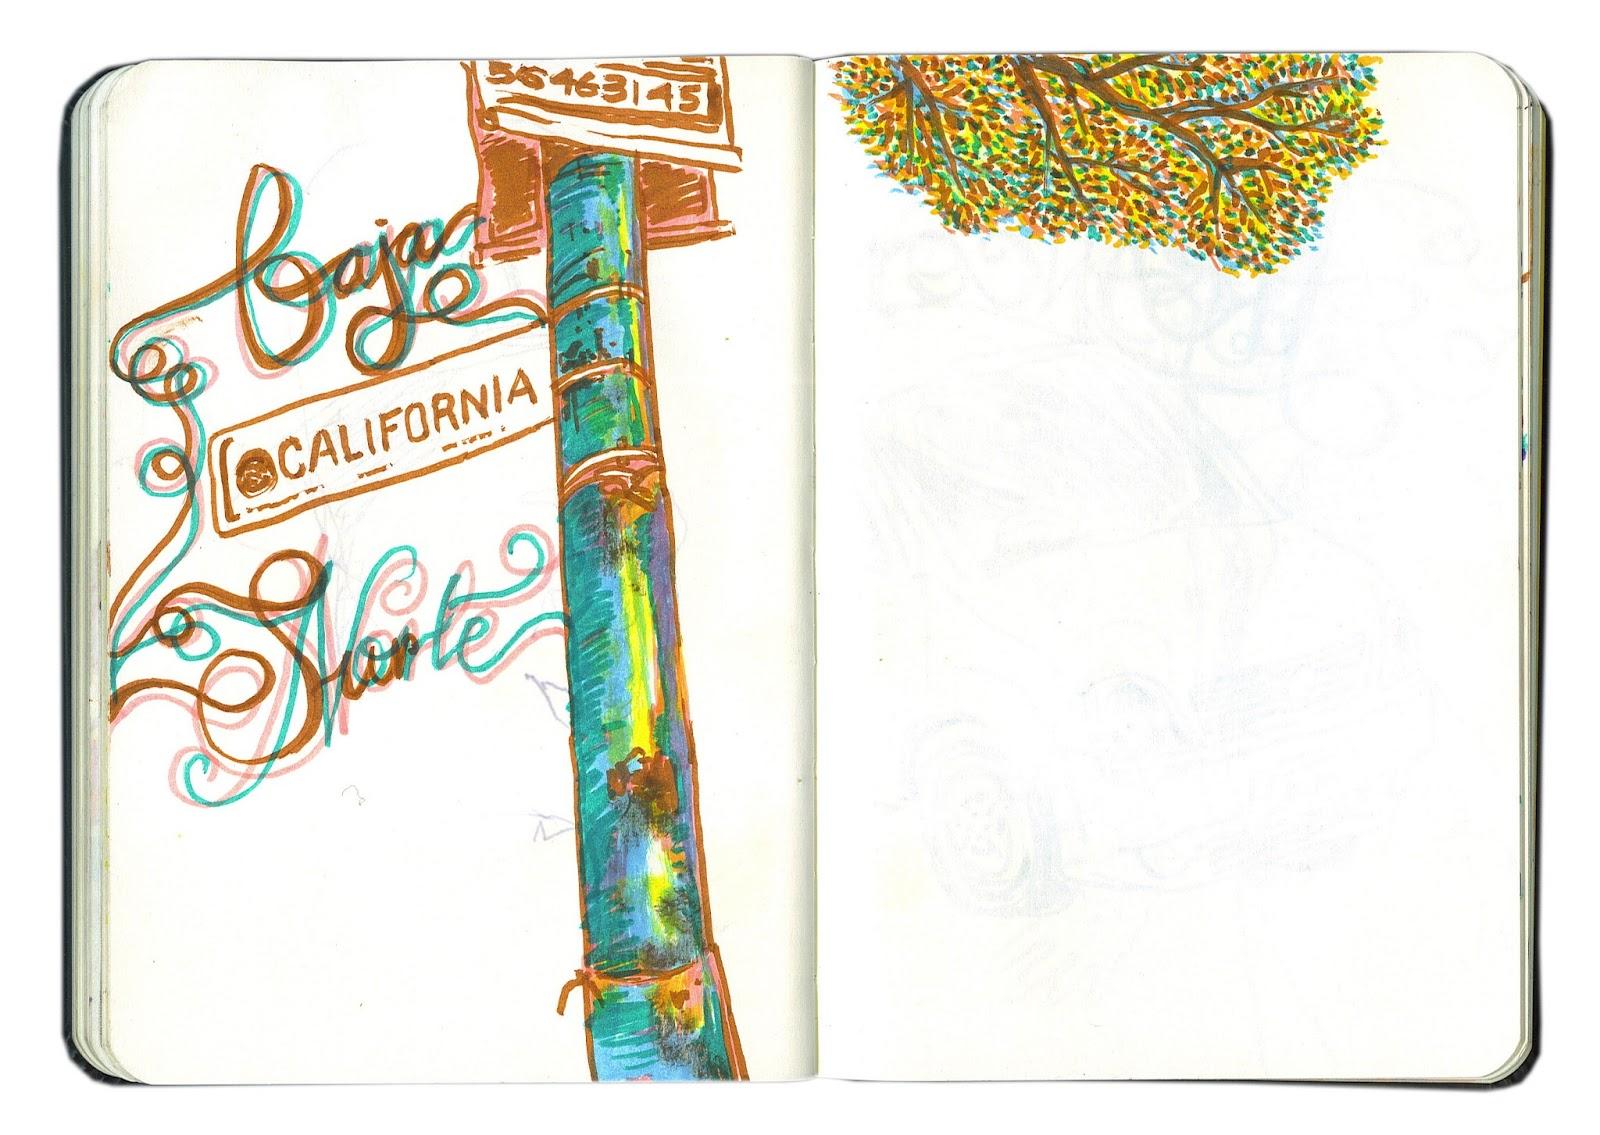 Arturo Aguilar Ilustrador Libreta de apuntes 2010